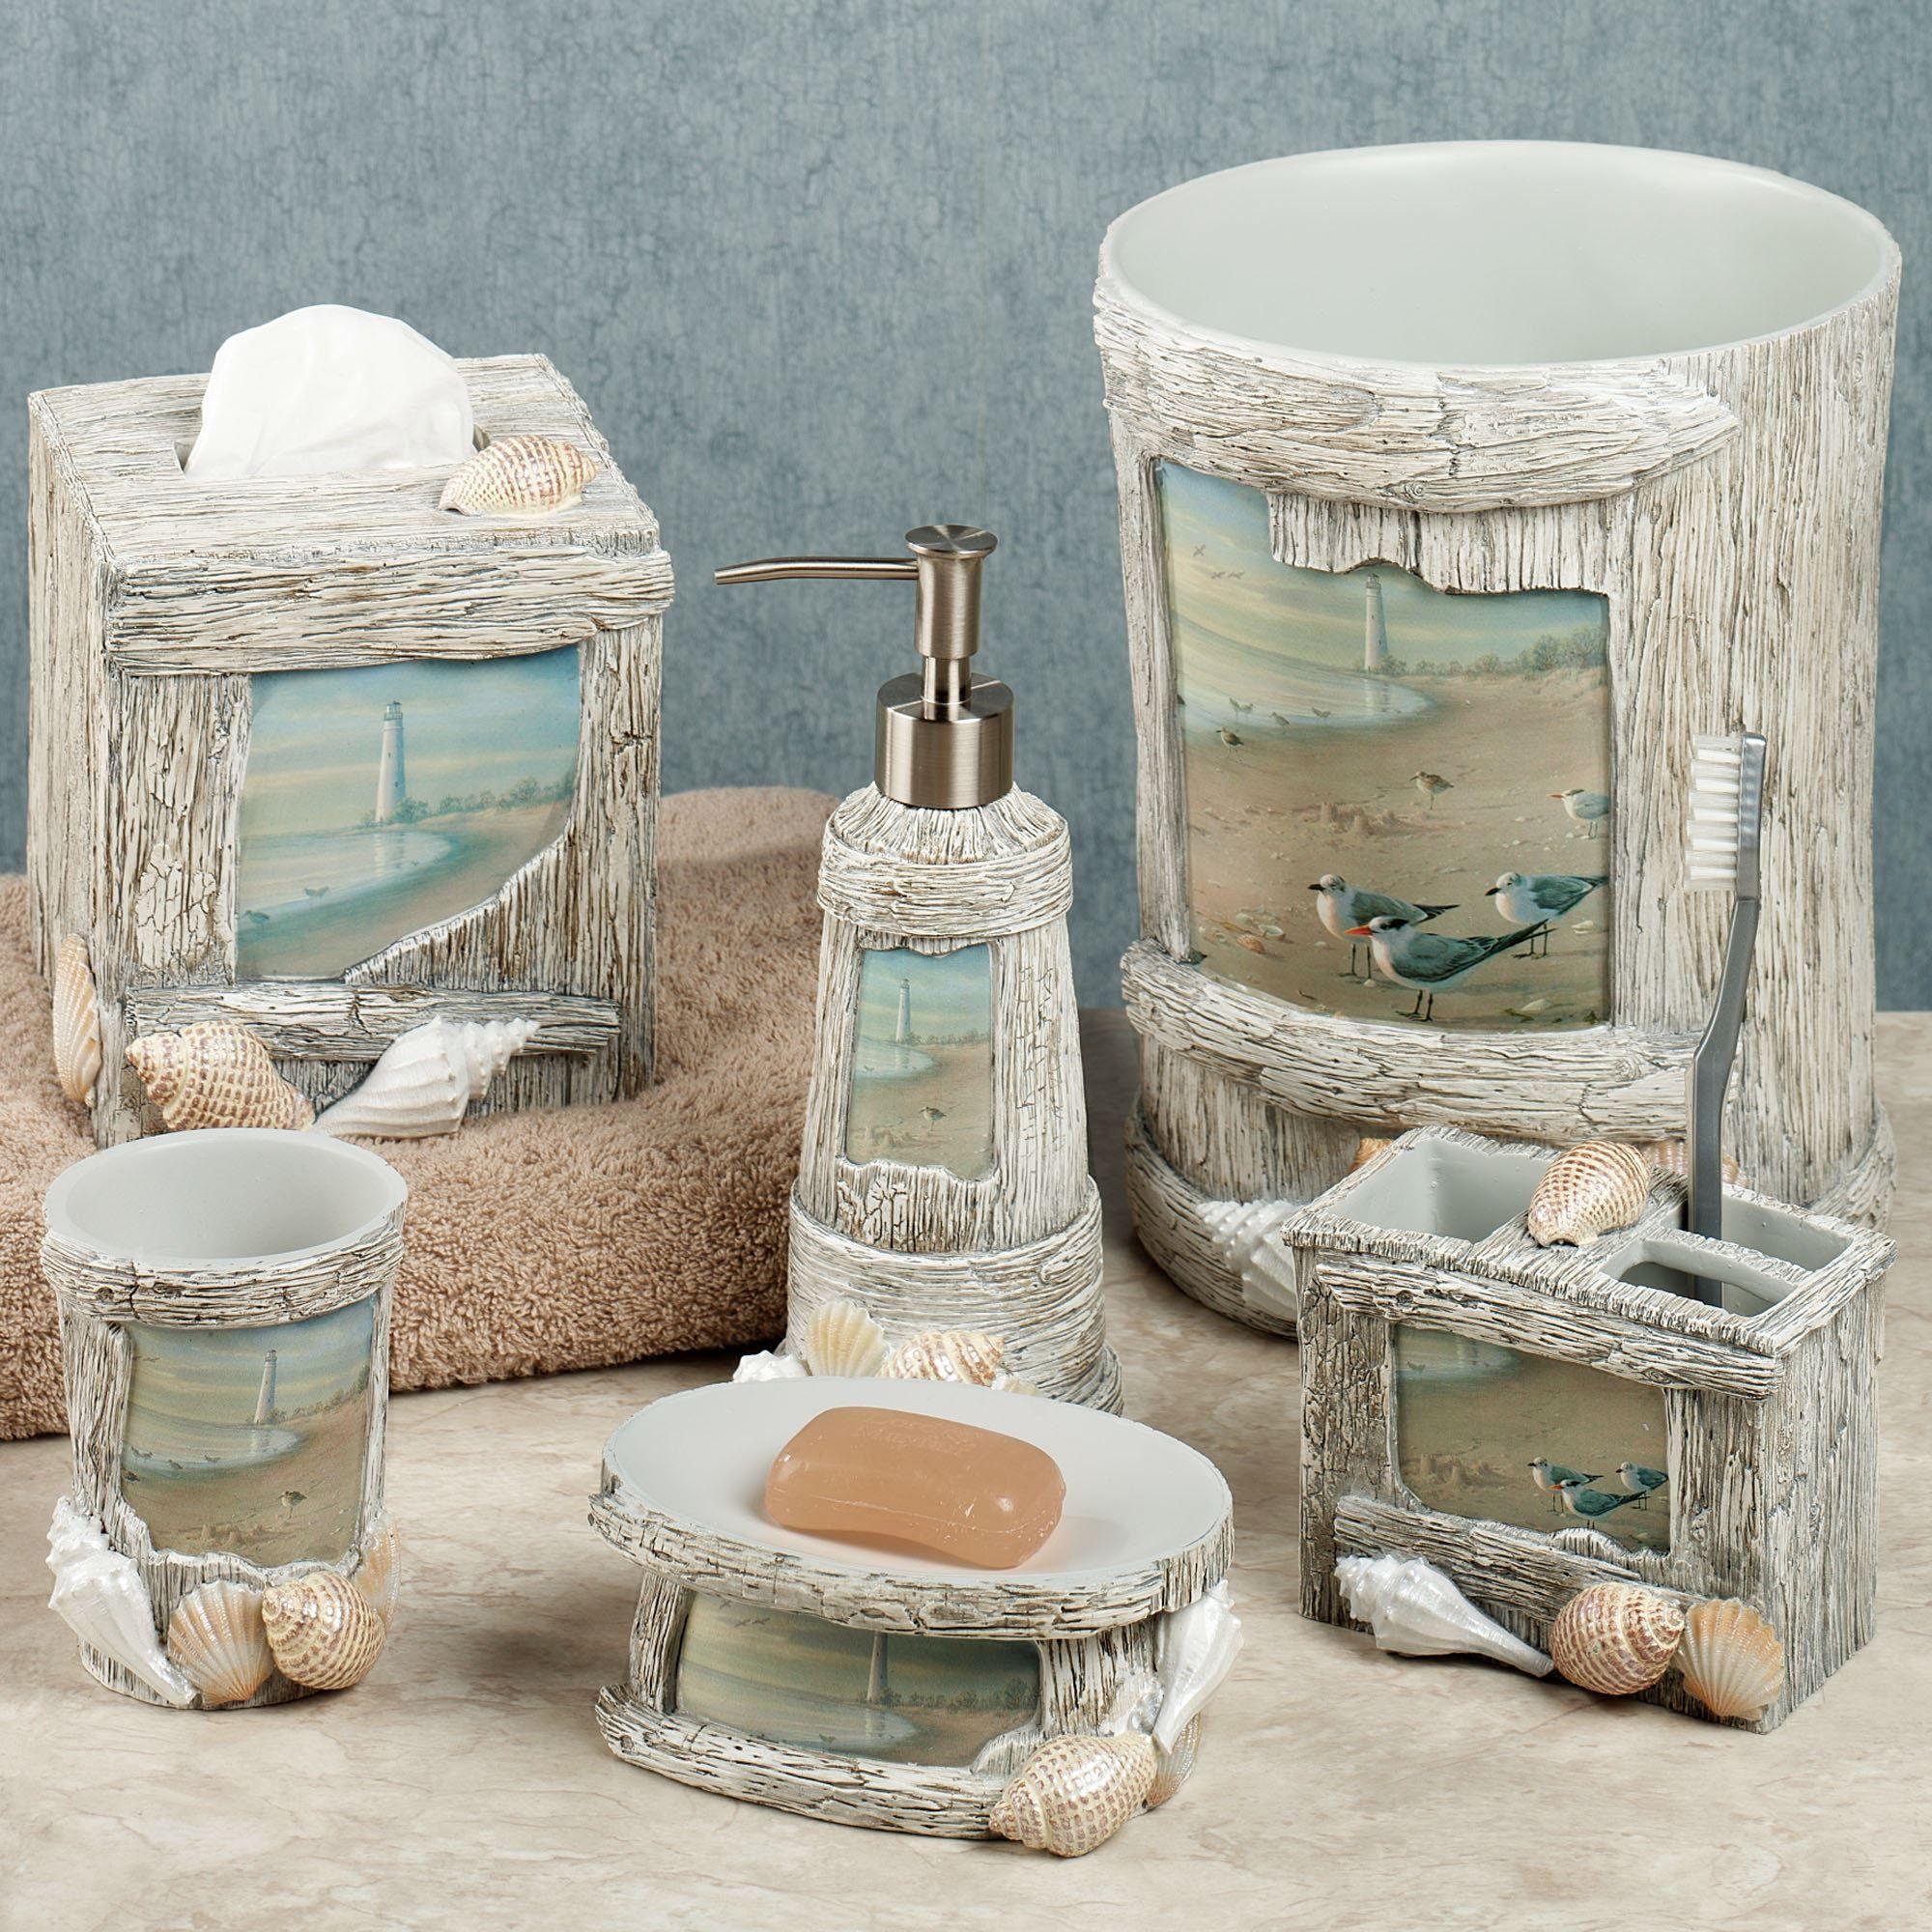 At The Beach Bath Accessories Seashell Bathroom Decor Beach